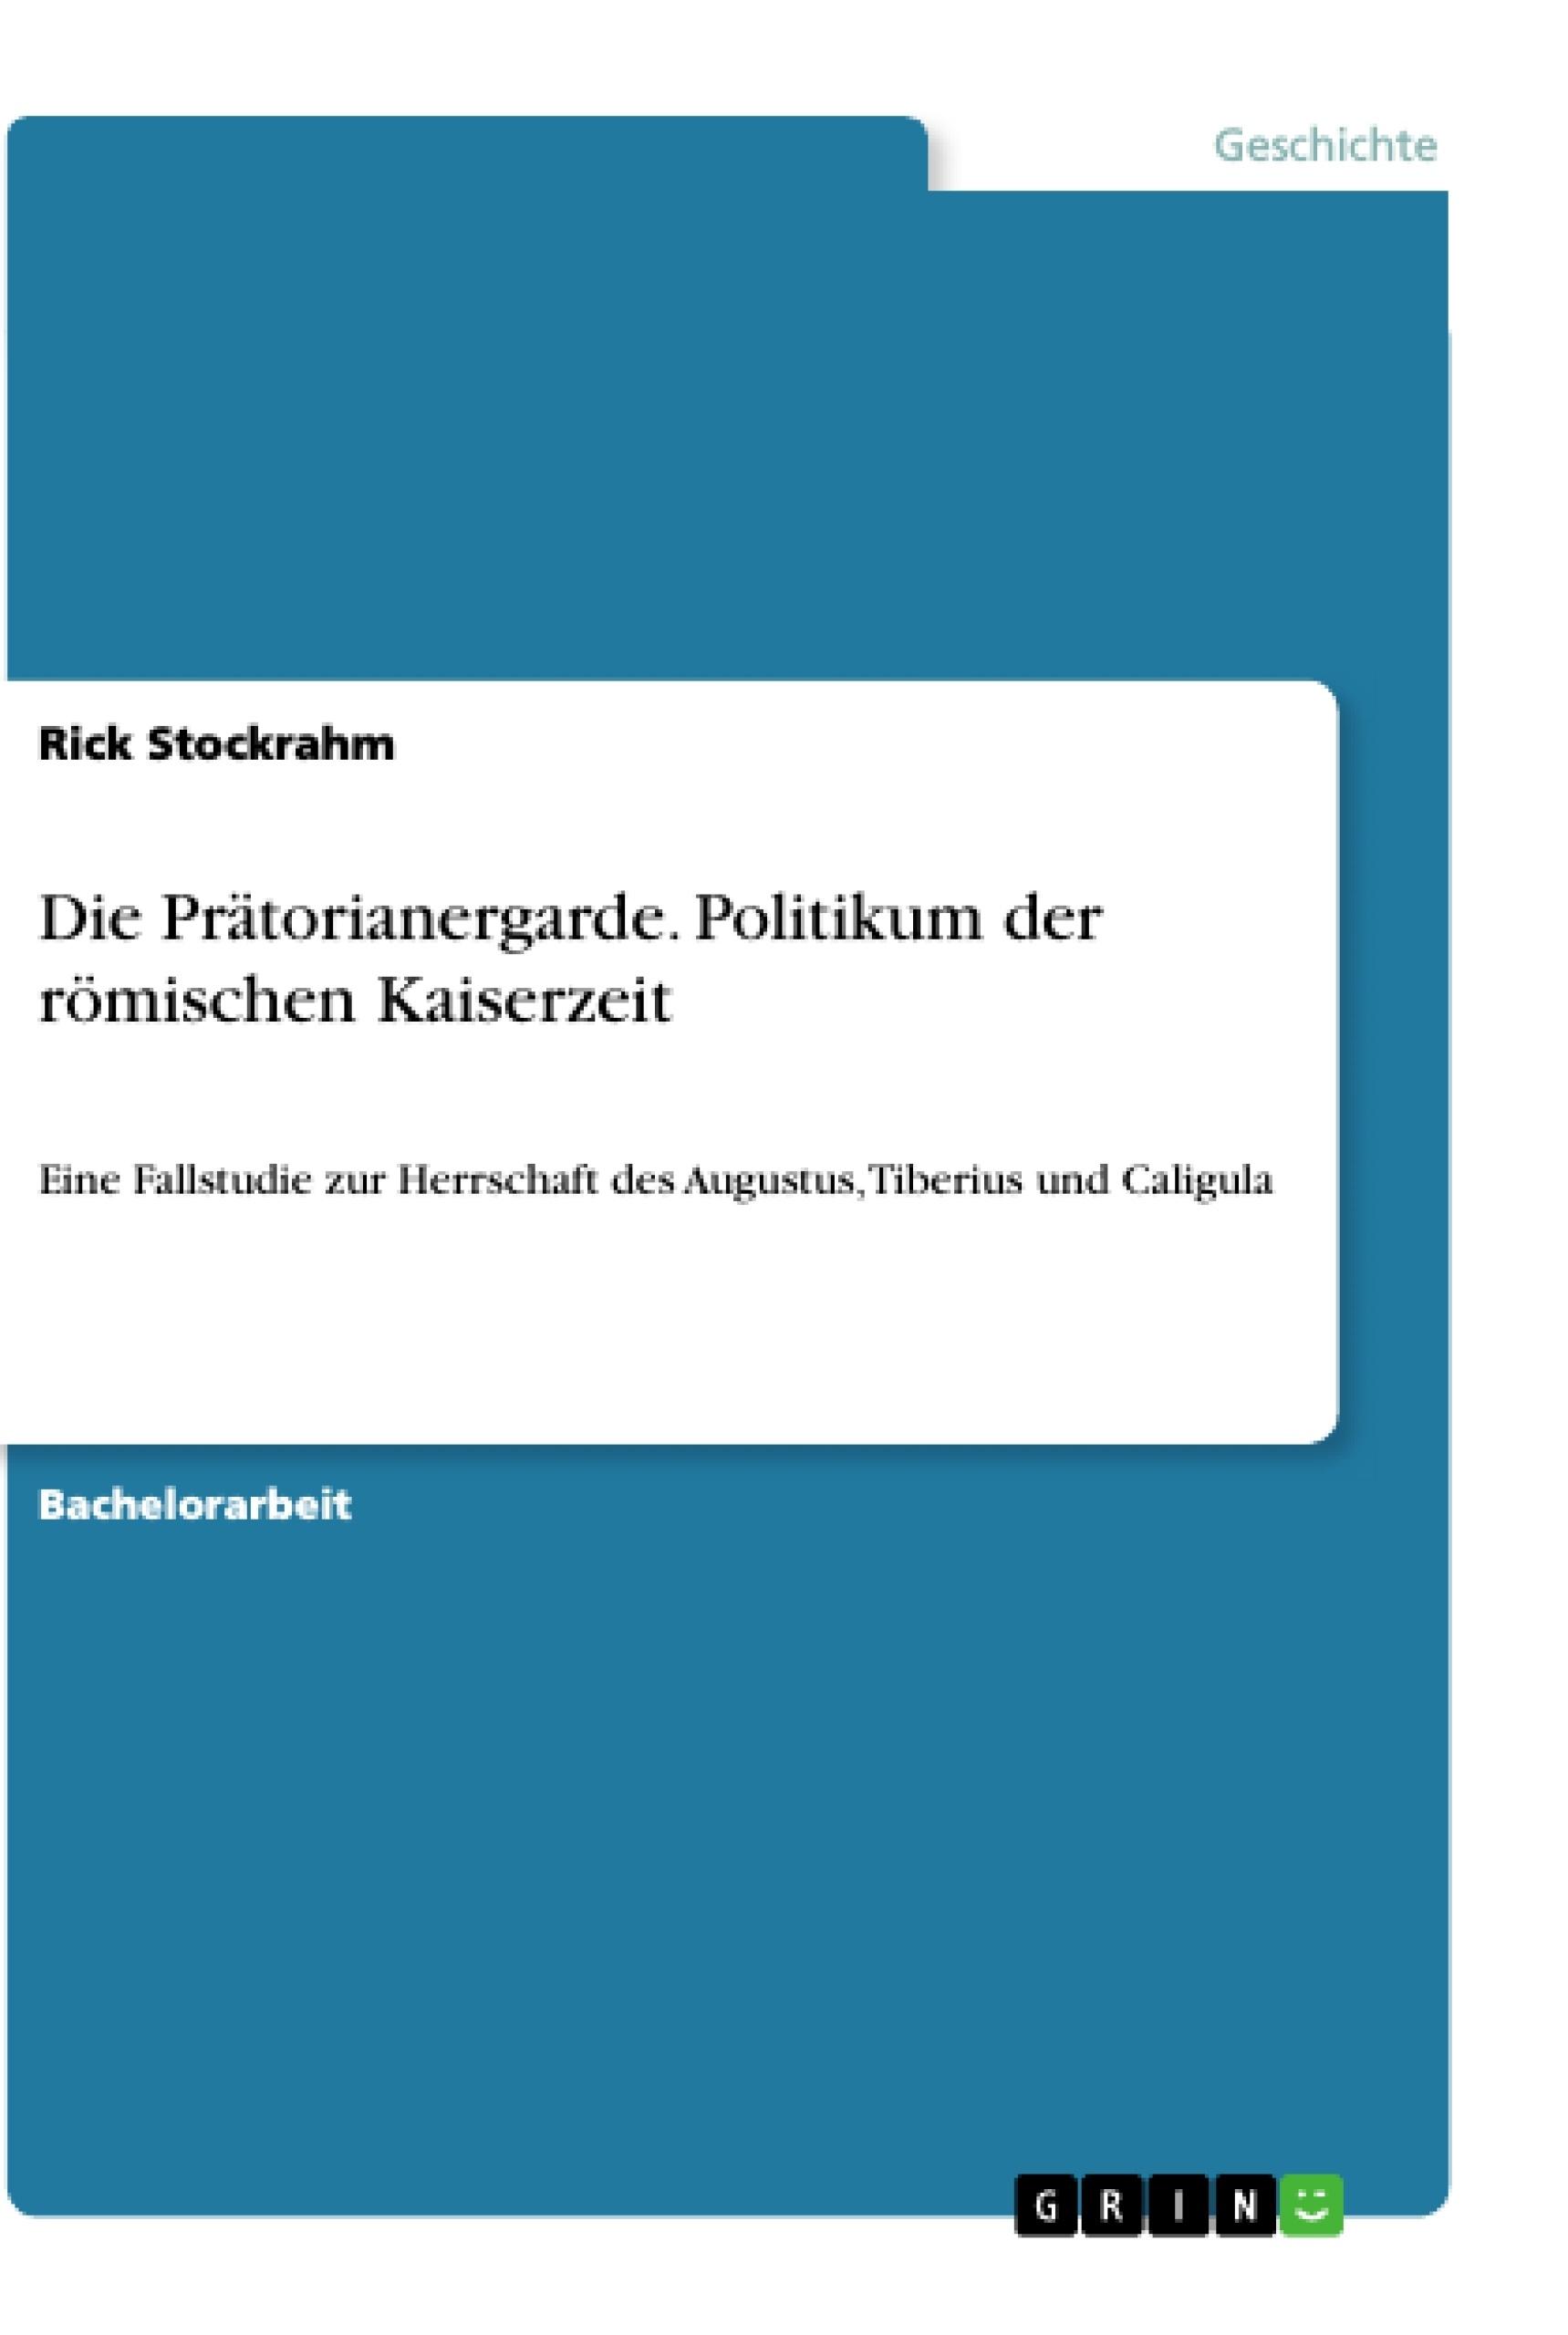 Titel: Die Prätorianergarde. Politikum der römischen Kaiserzeit